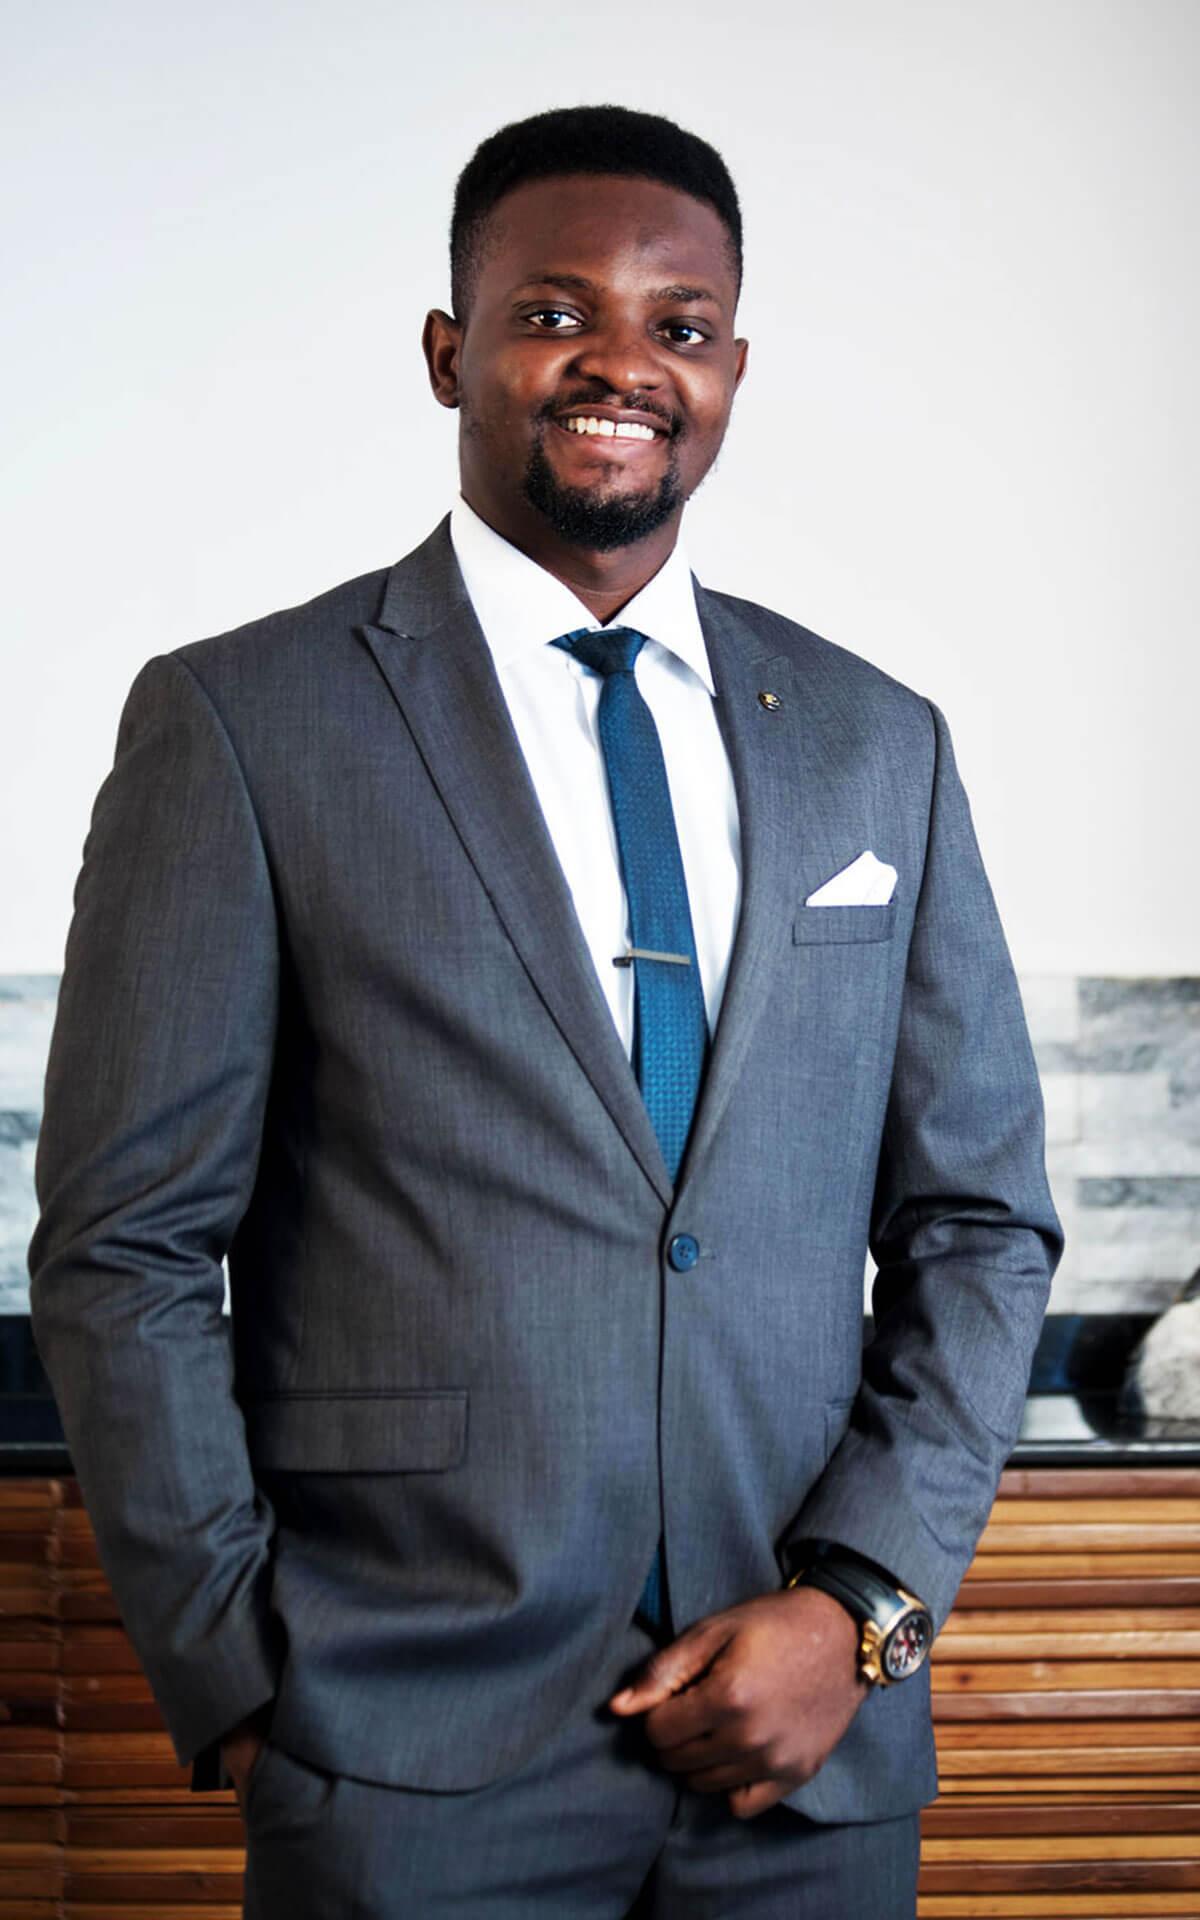 Emmanuel-Adebayo